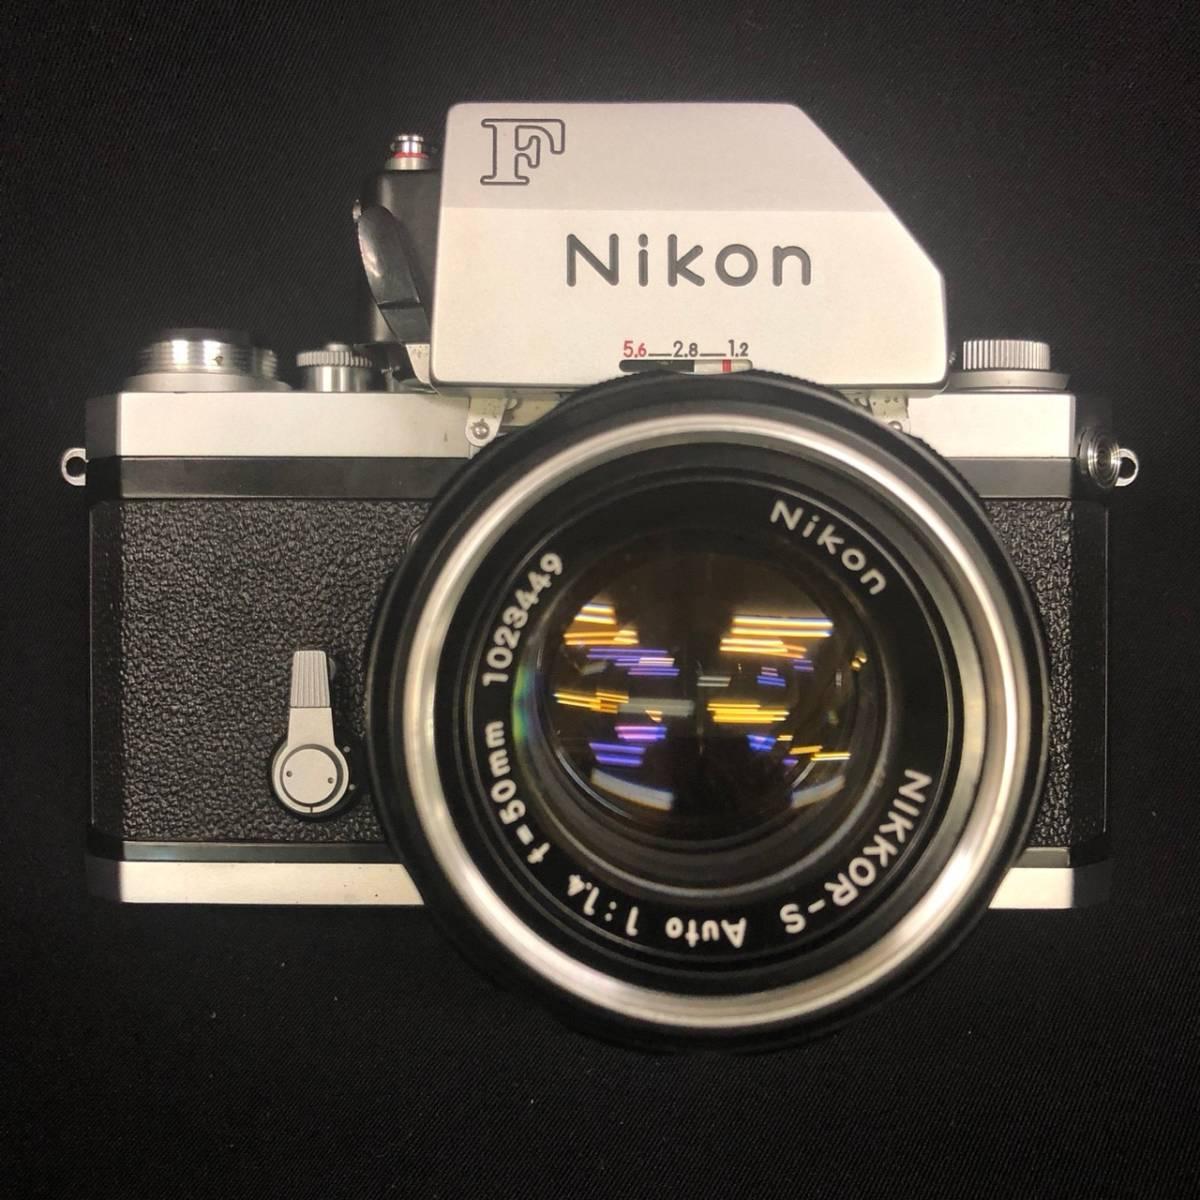 C20A01A Nikon F ニコン 一眼レフ カメラ レンズ 1:1.4 50mm ファインダー フォトミックファインダー _画像2